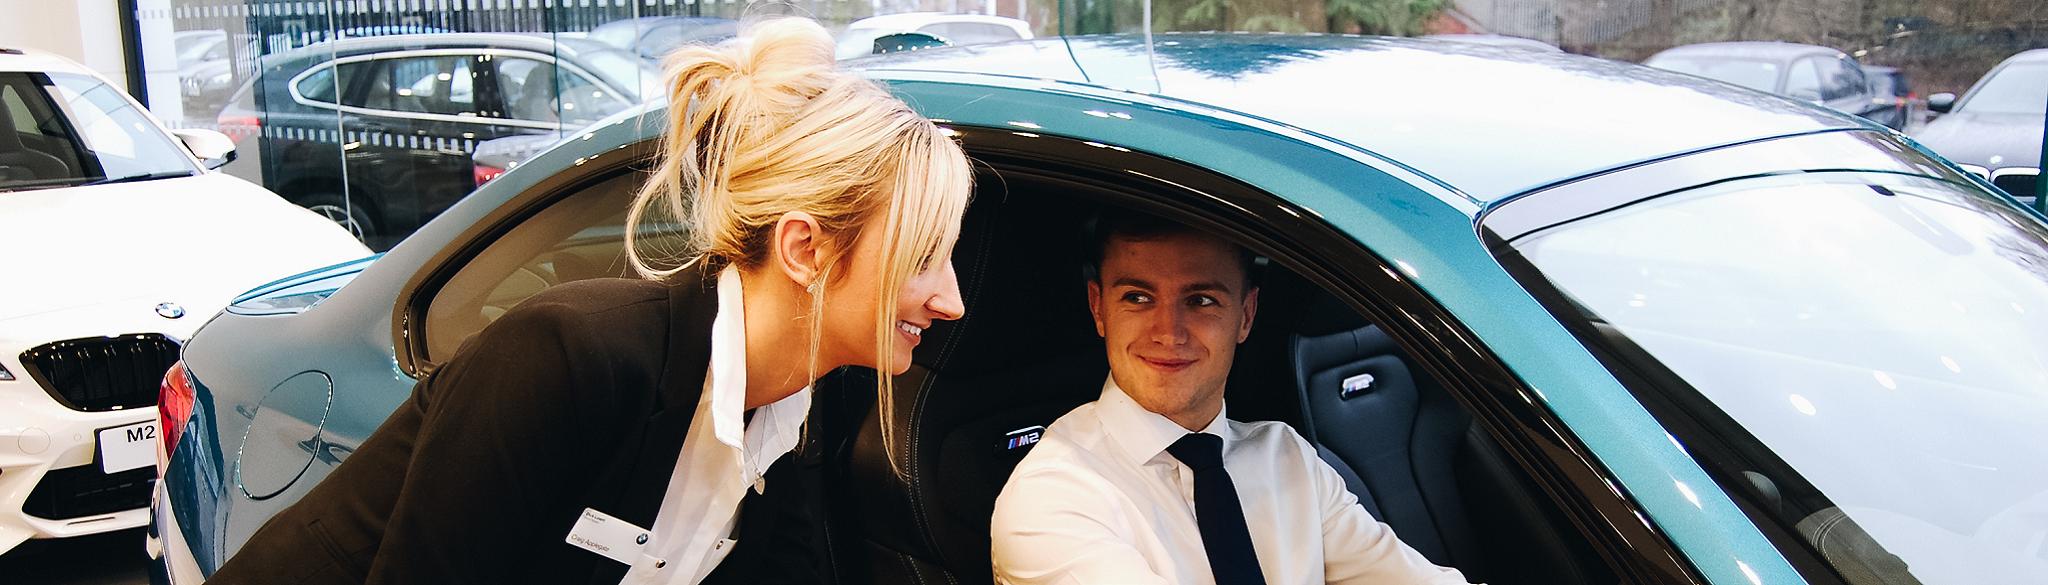 BMW Business Car Allowance